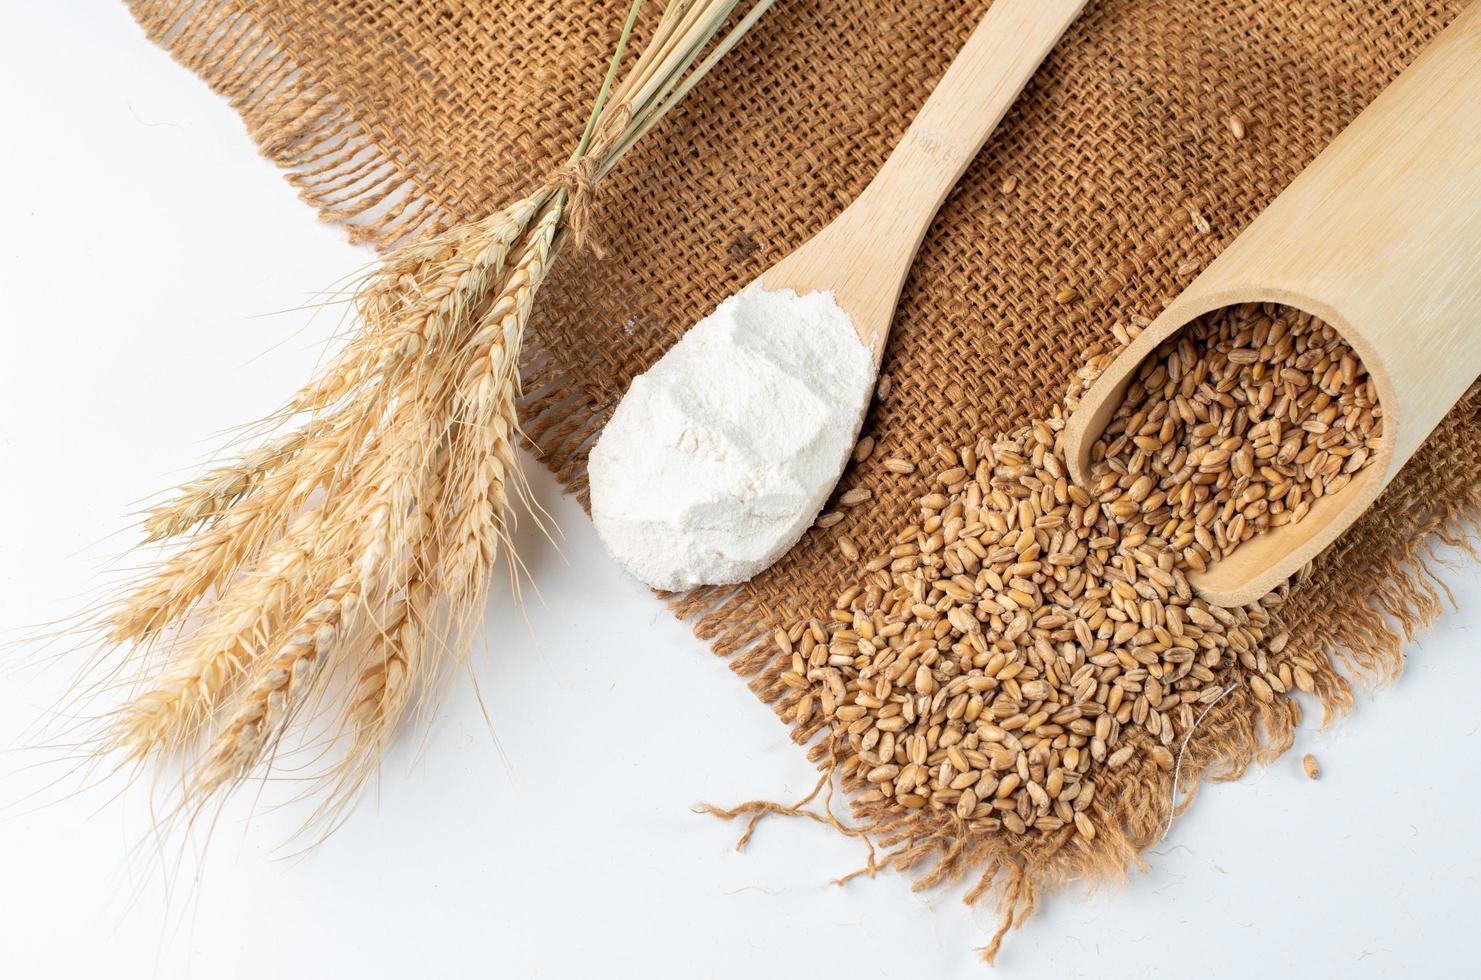 meel en tarwe ingrediënten voor het bakken foto